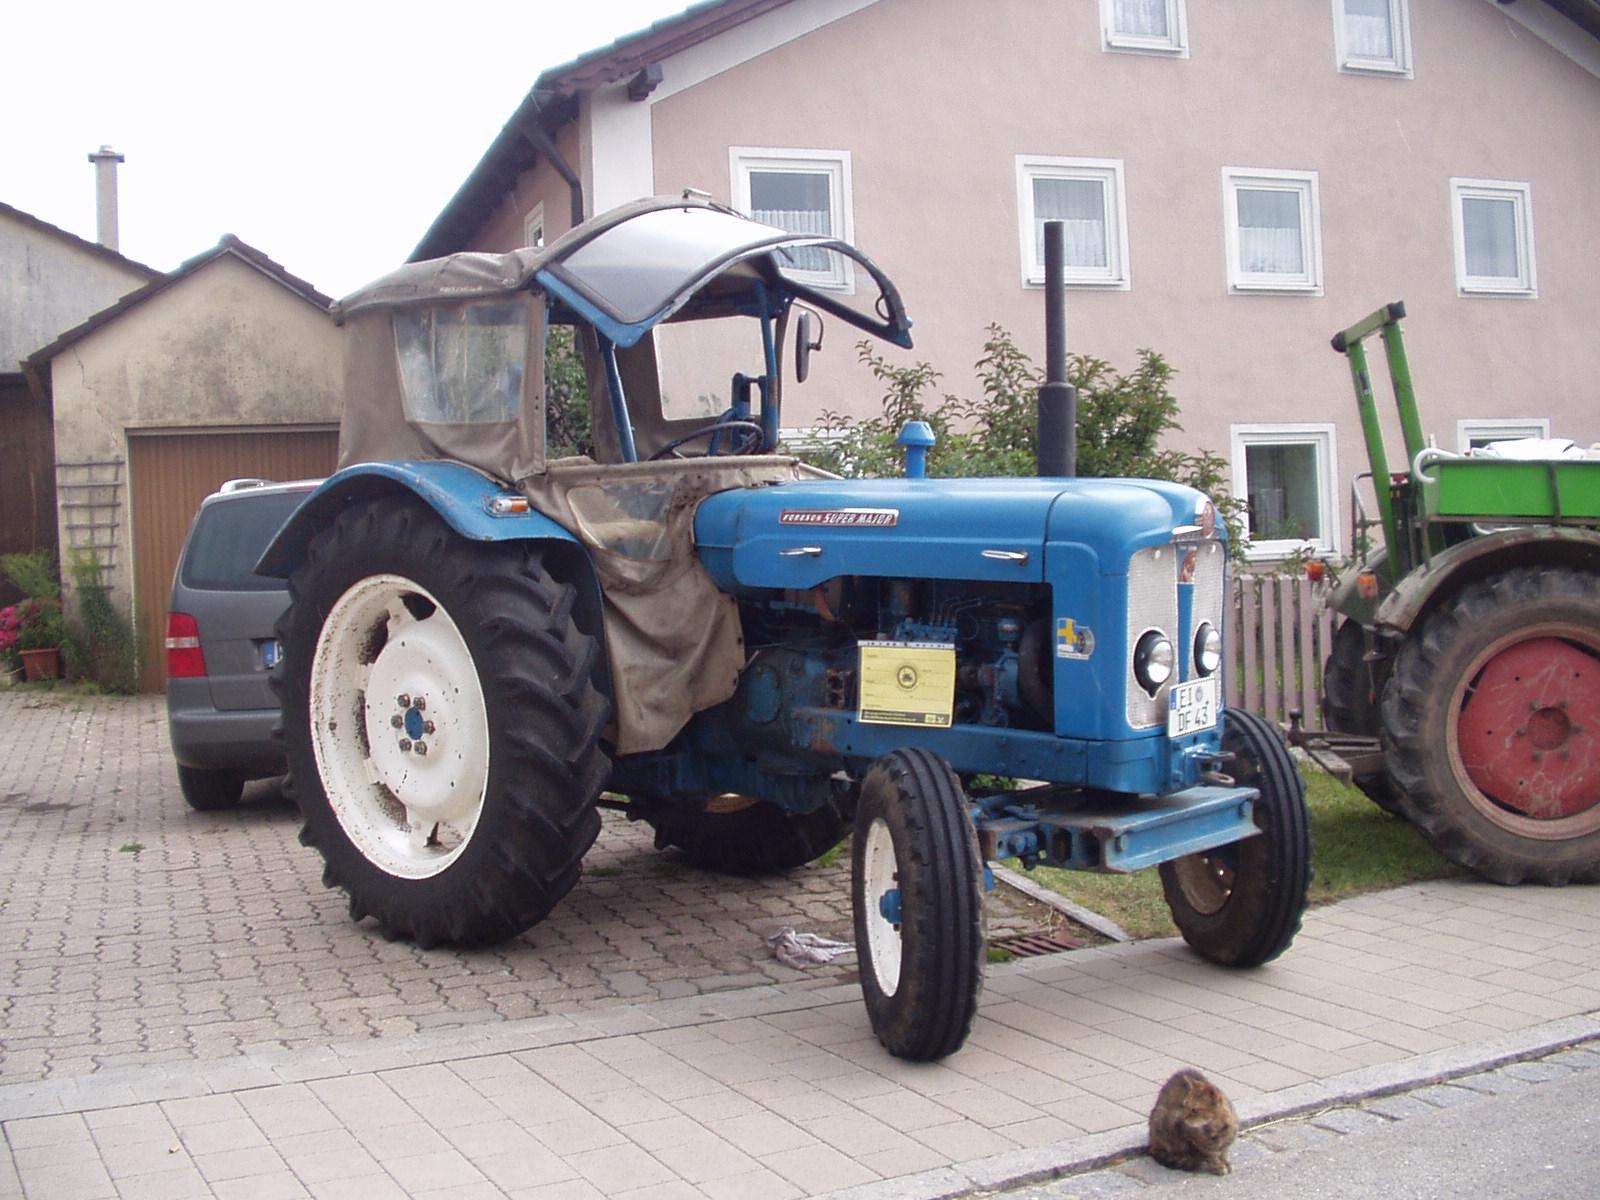 Fordson traktor dating Nina dobrev og Ian Somerhalder dating 2011